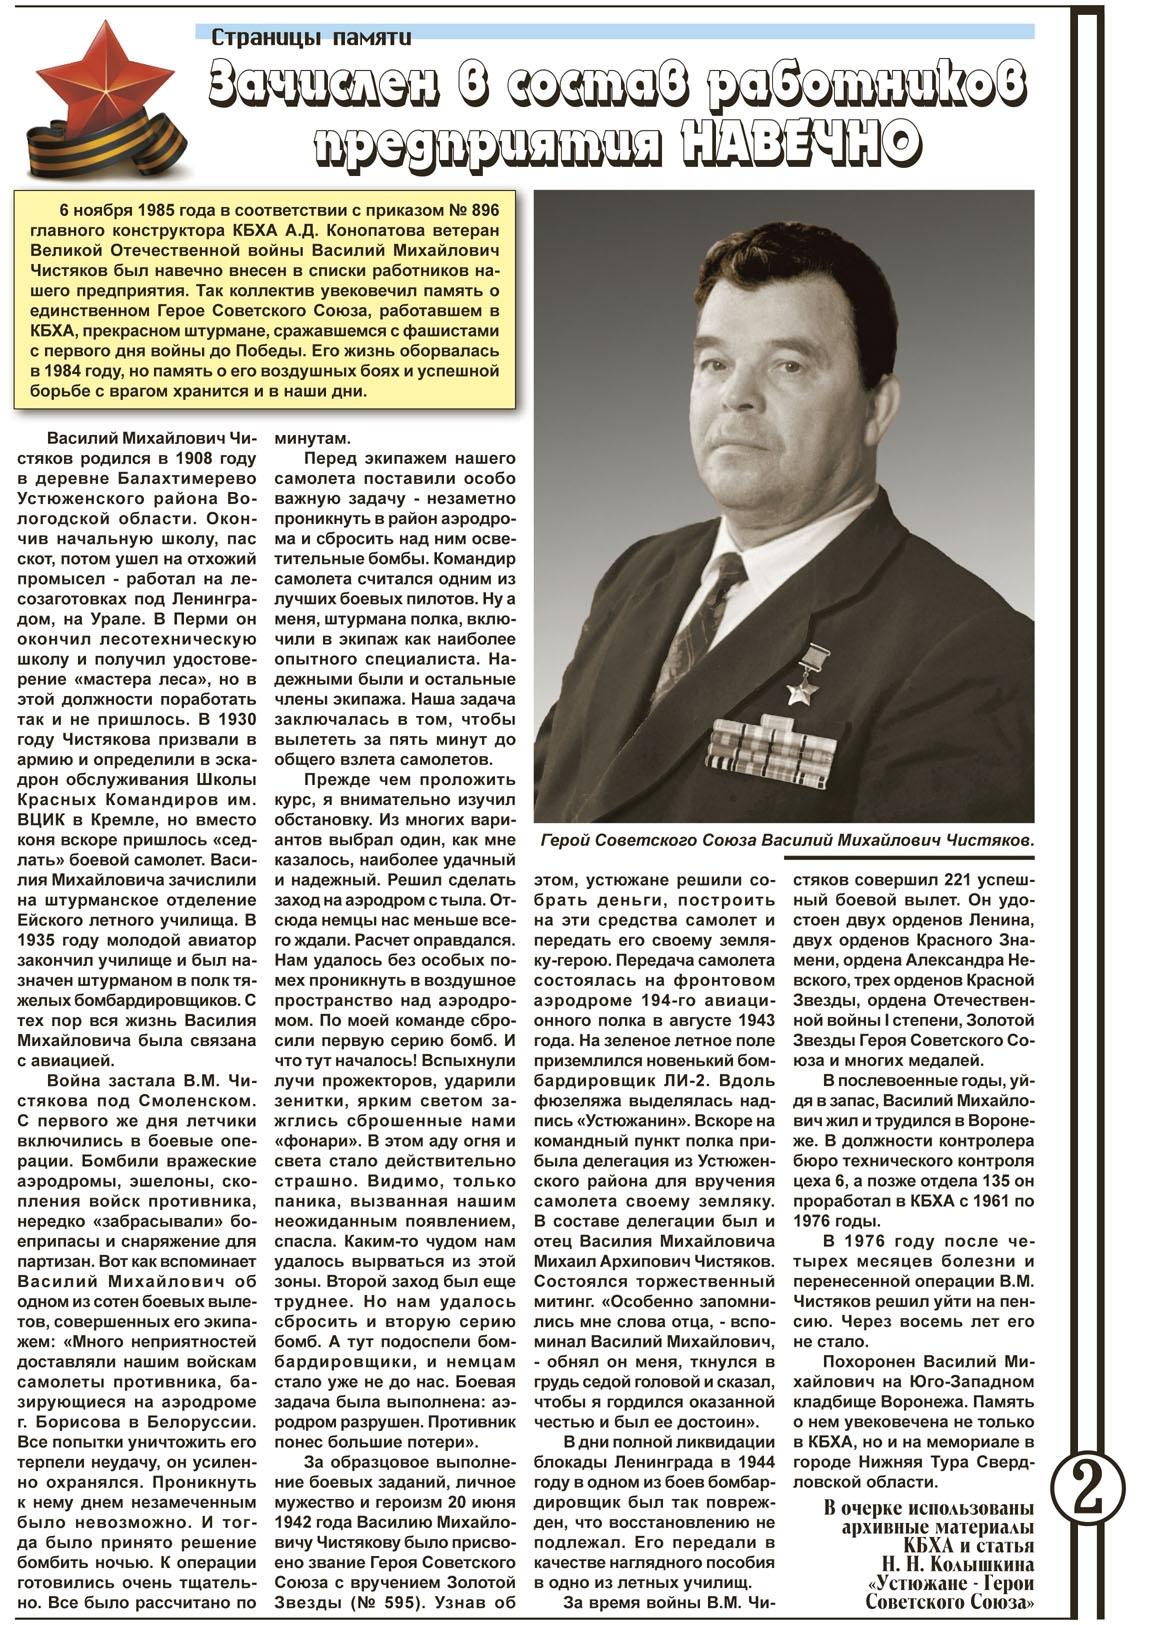 газета КБХА